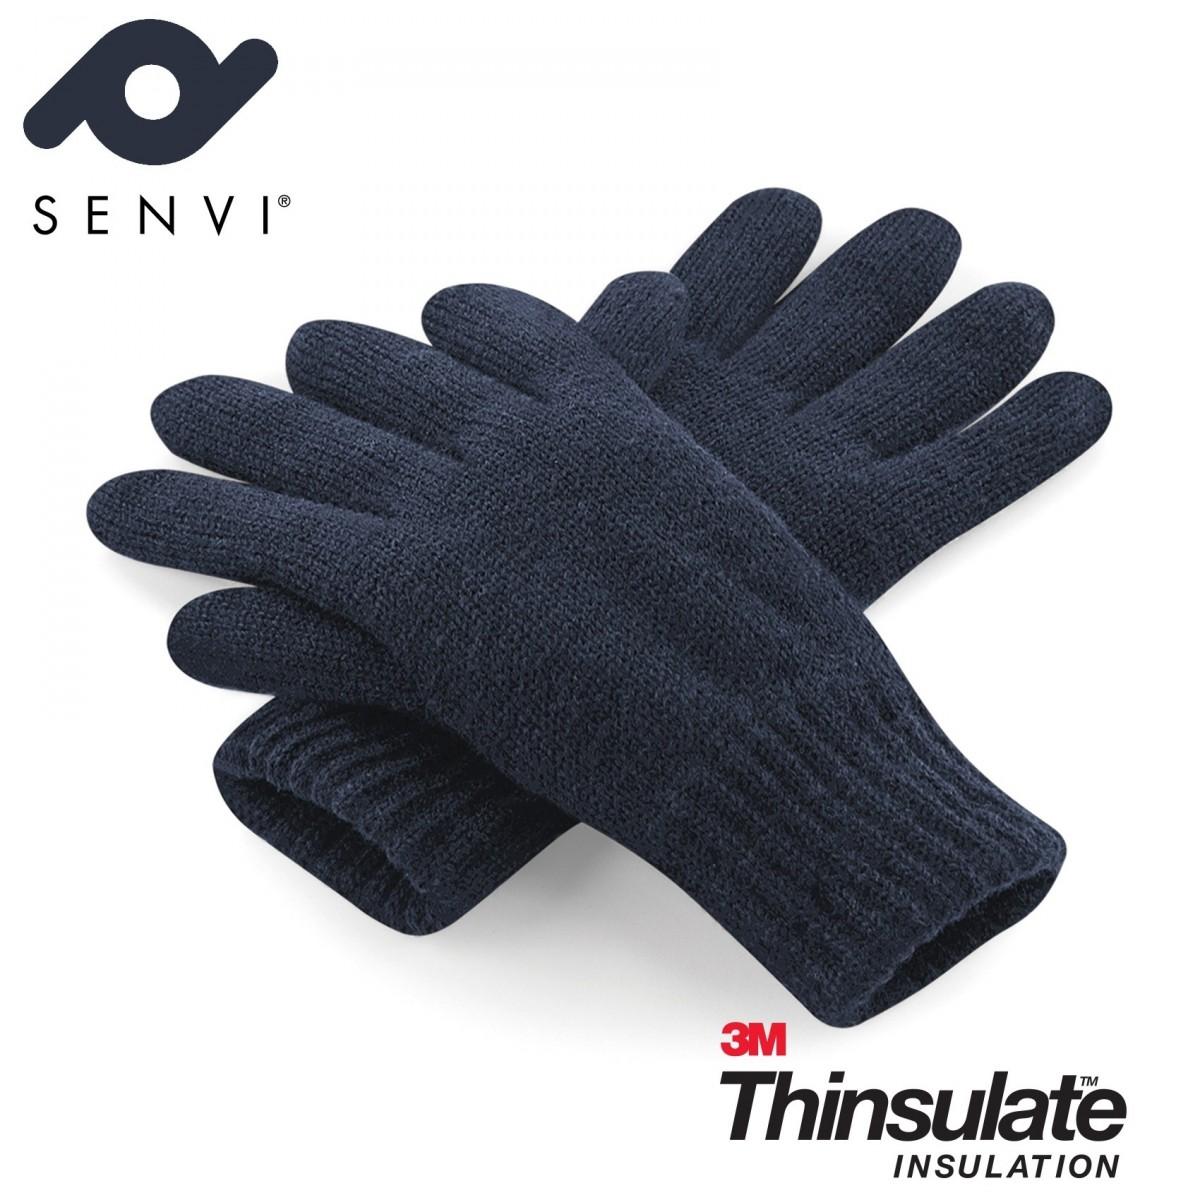 Senvi klassieke 3M Thinsulate™ Handschoenen Blauw Maat L/XL (Volledig gevoerd)